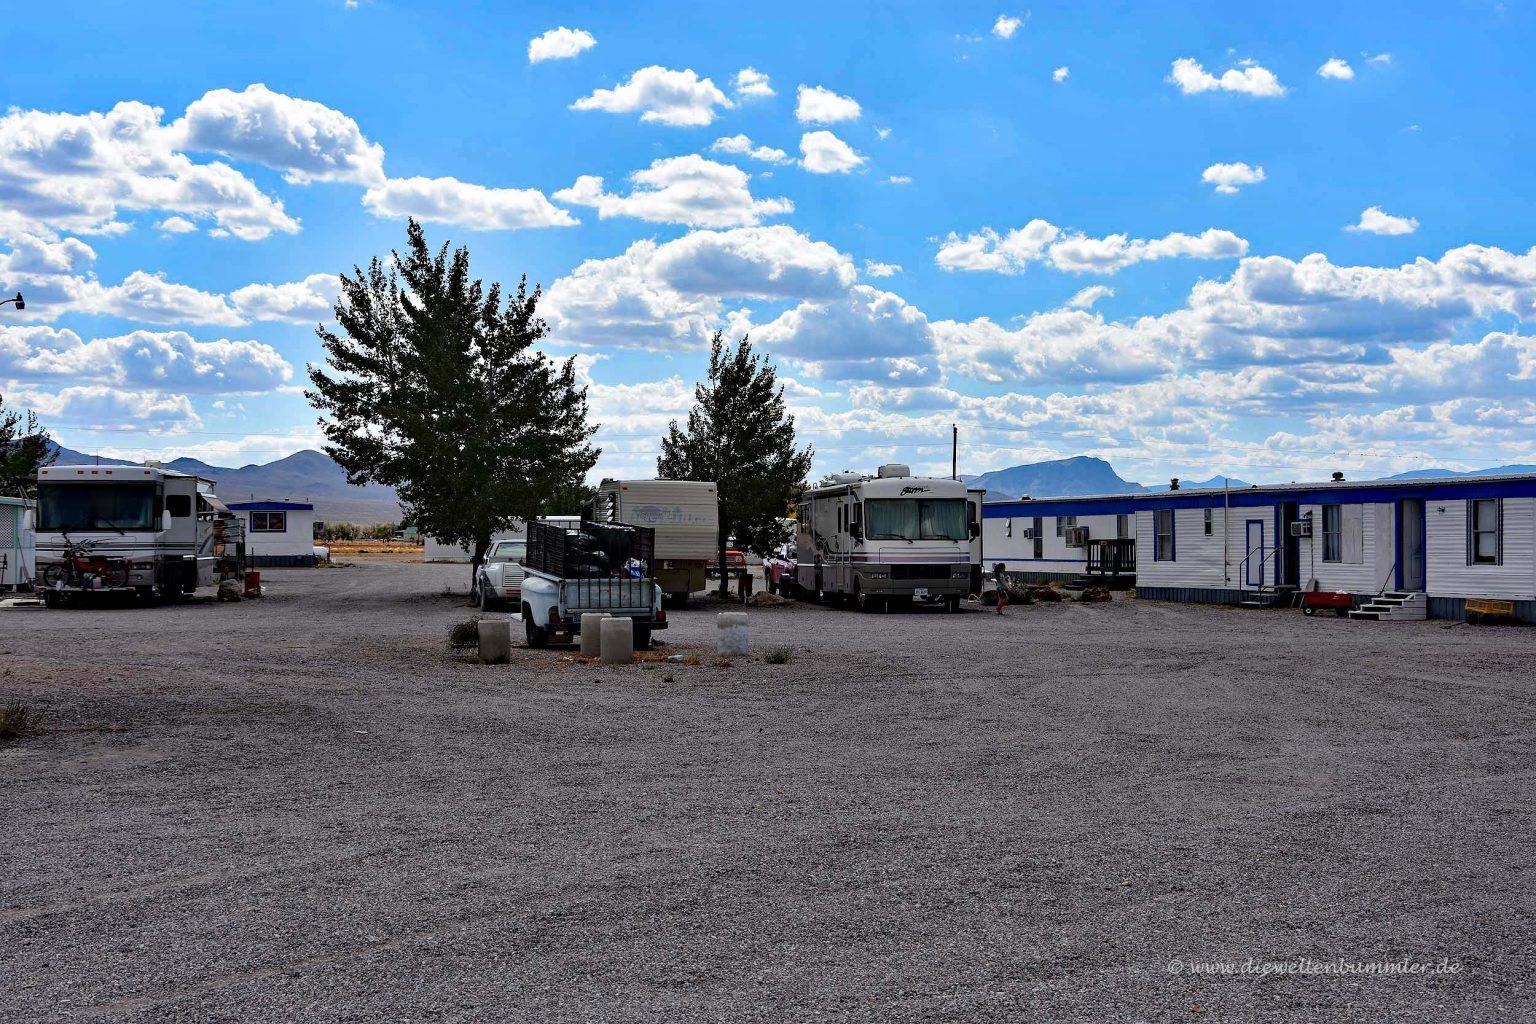 Campingplatz am ET Highway